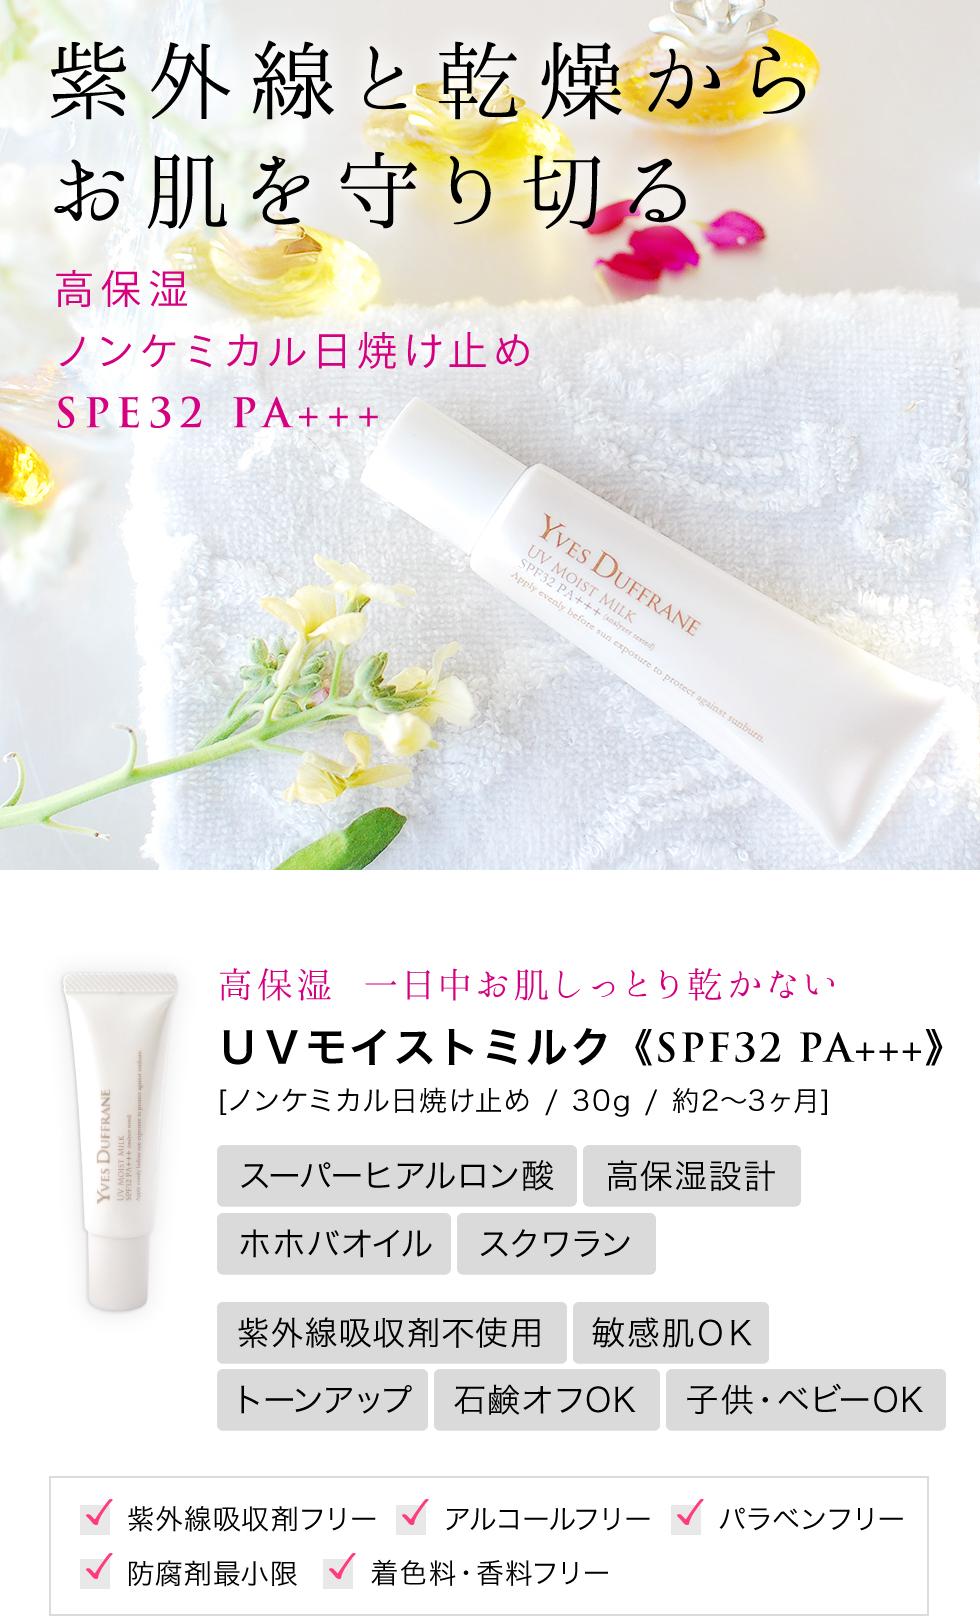 UVモイストミルク SPF32 PA+++ ノンケミカル日焼け止め